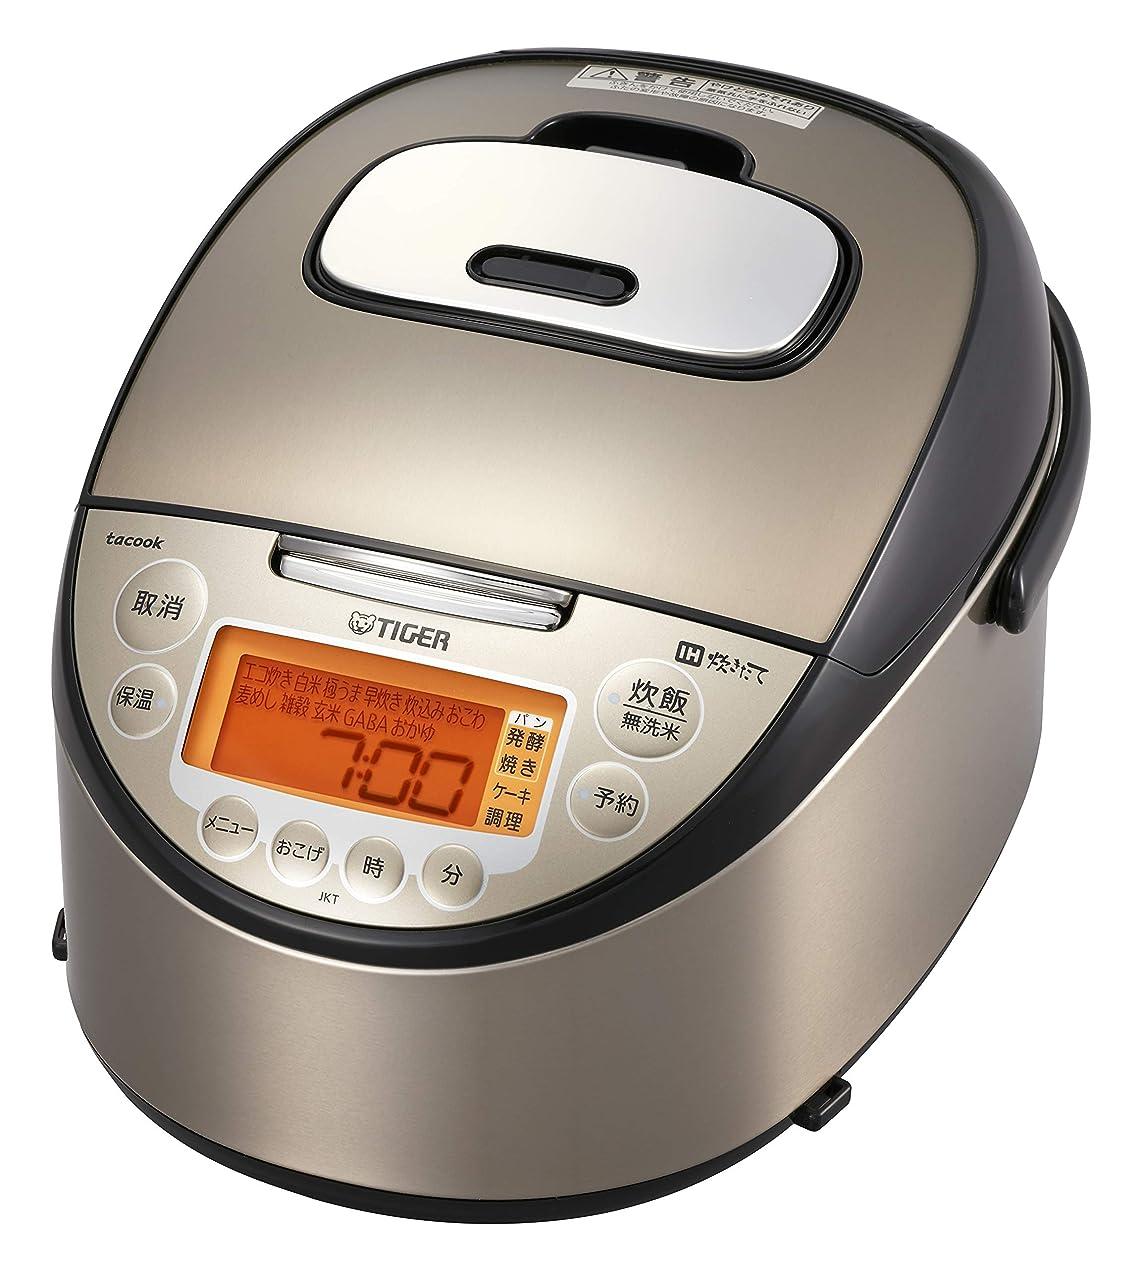 最小サークル歌タイガー 炊飯器  IH 5.5合 炊きたて 同時調理 tacook パールブラウン JKT-J101-TP